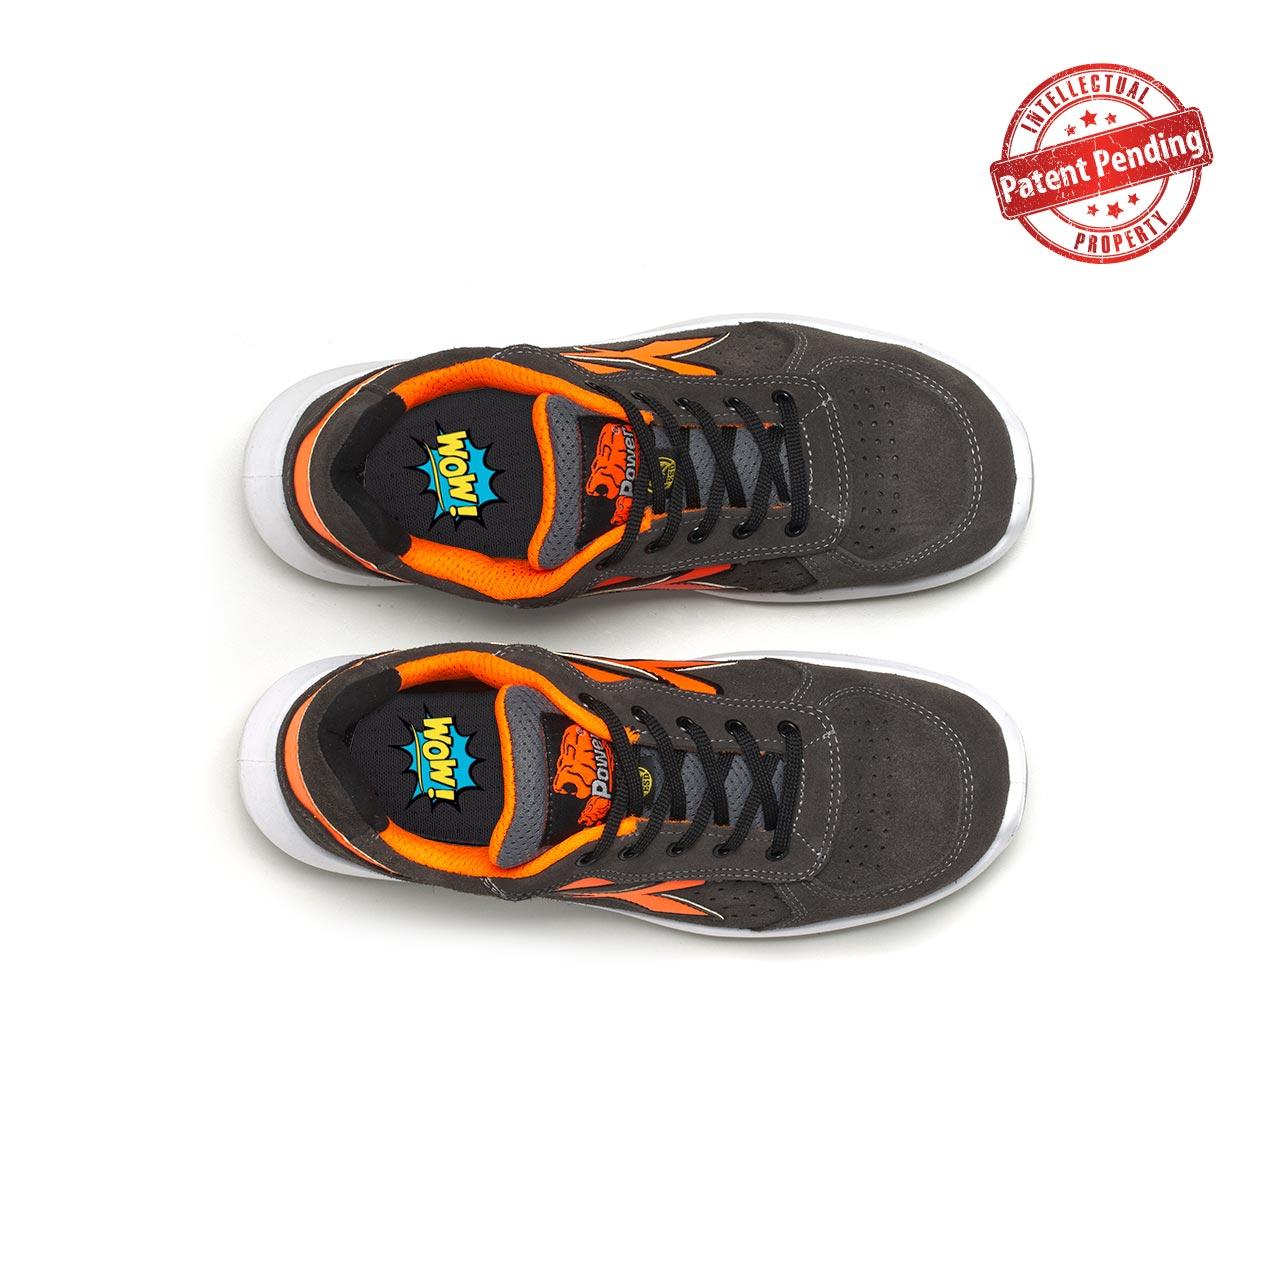 paio di scarpe antinfortunistiche upower modello sirio linea redup vista top